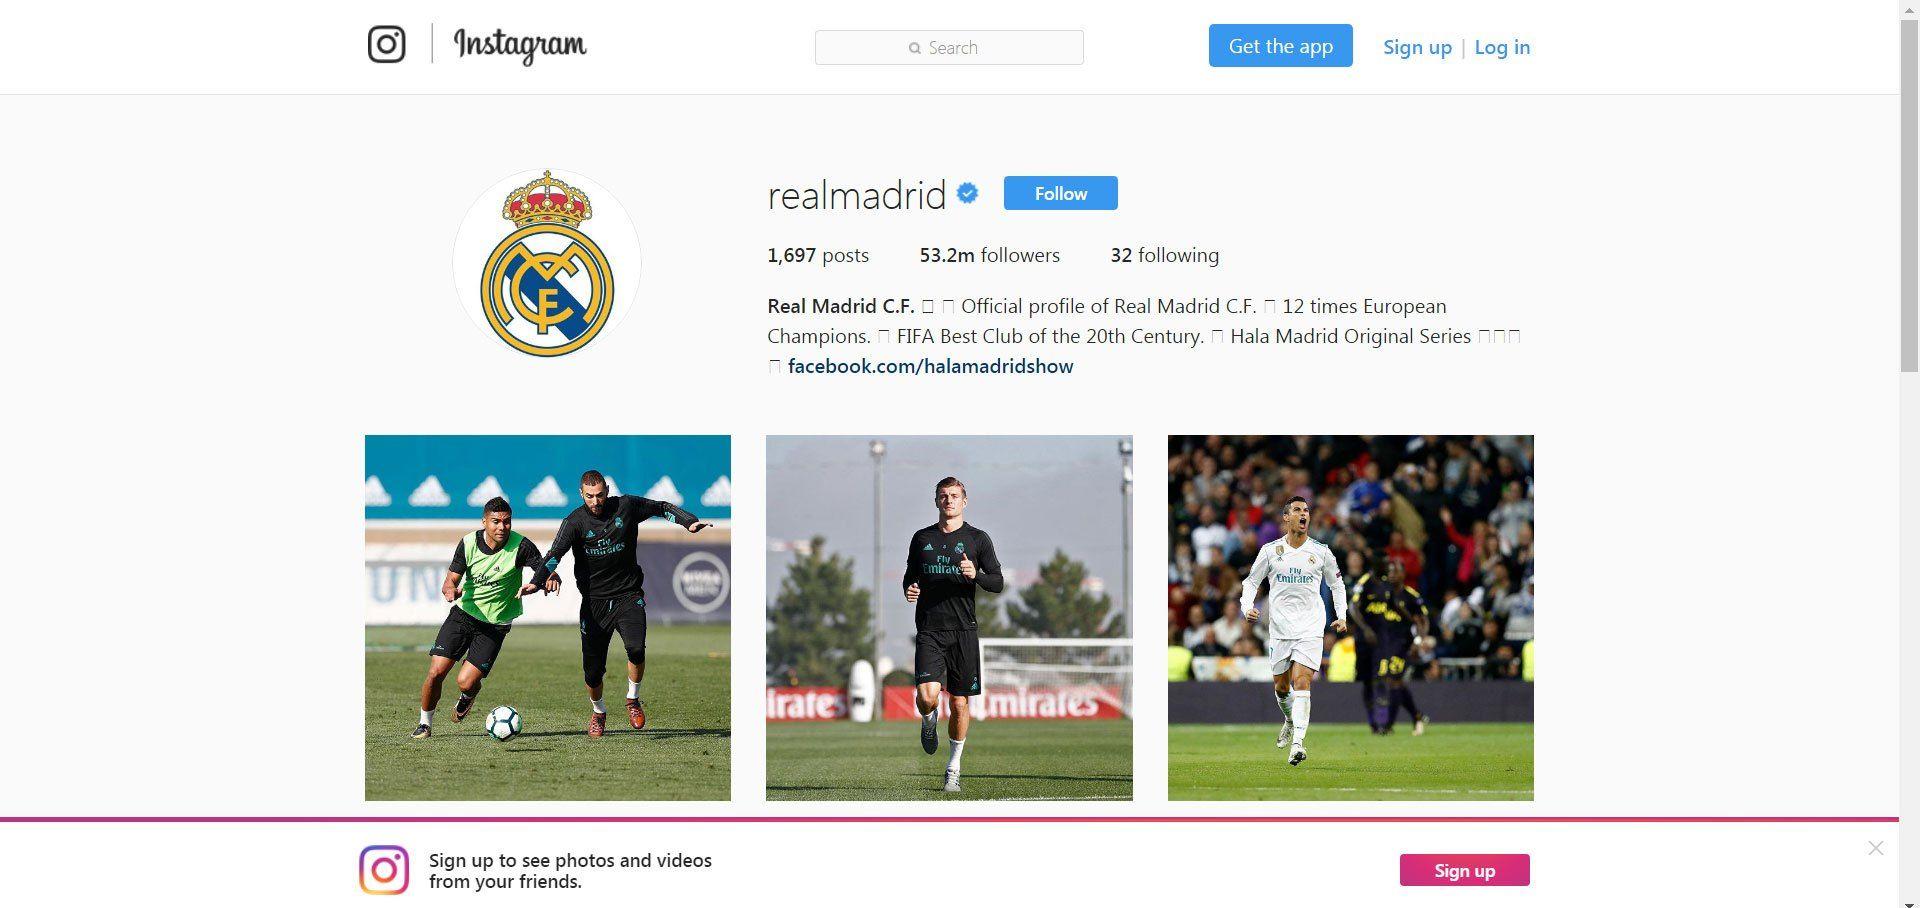 Реал мадрид в instagram